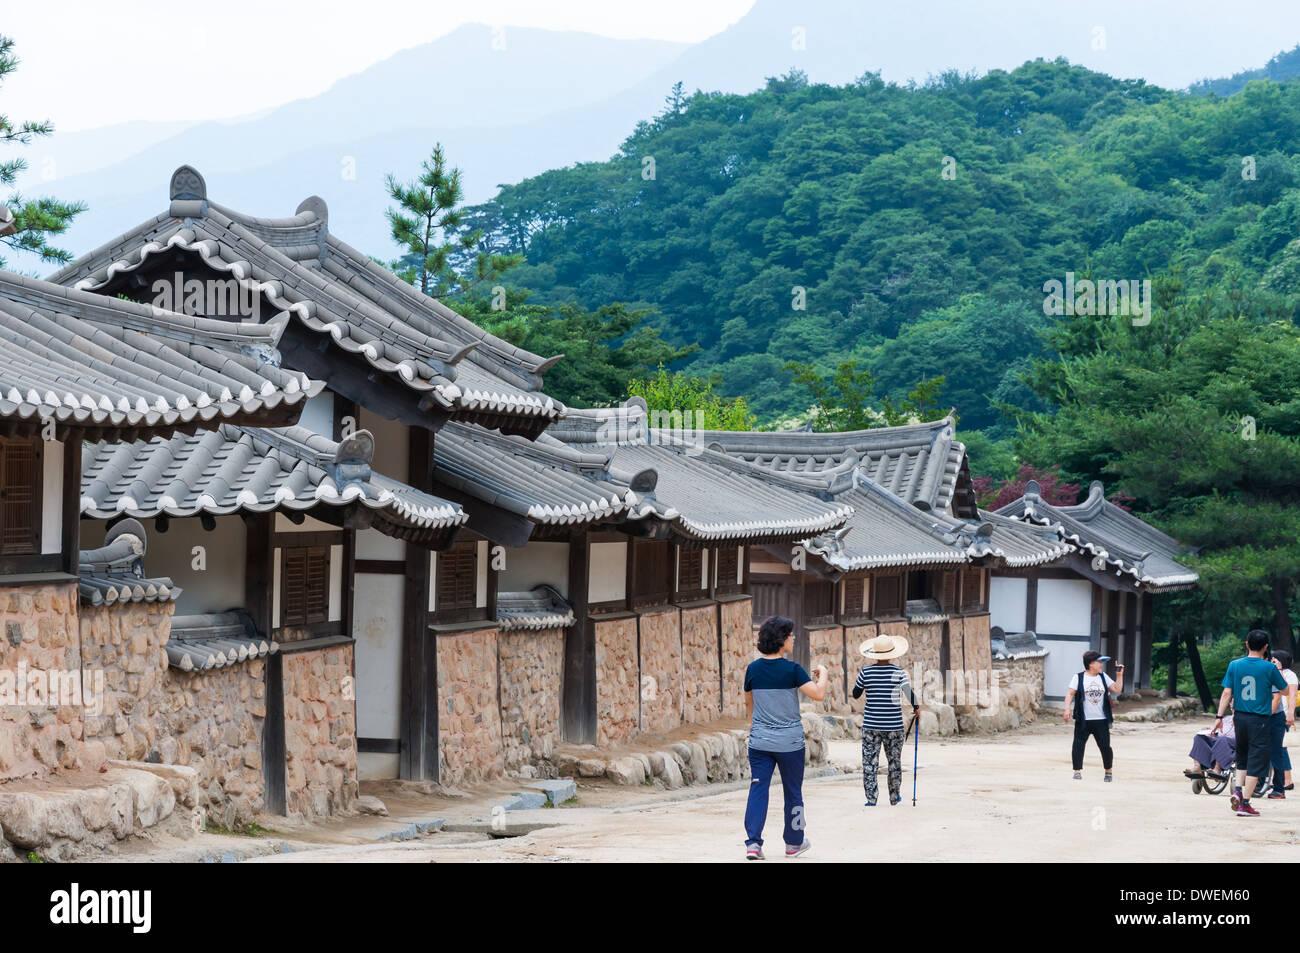 Traditionelle koreanische Architektur an einem historischen Dorf in Südkorea. Stockbild